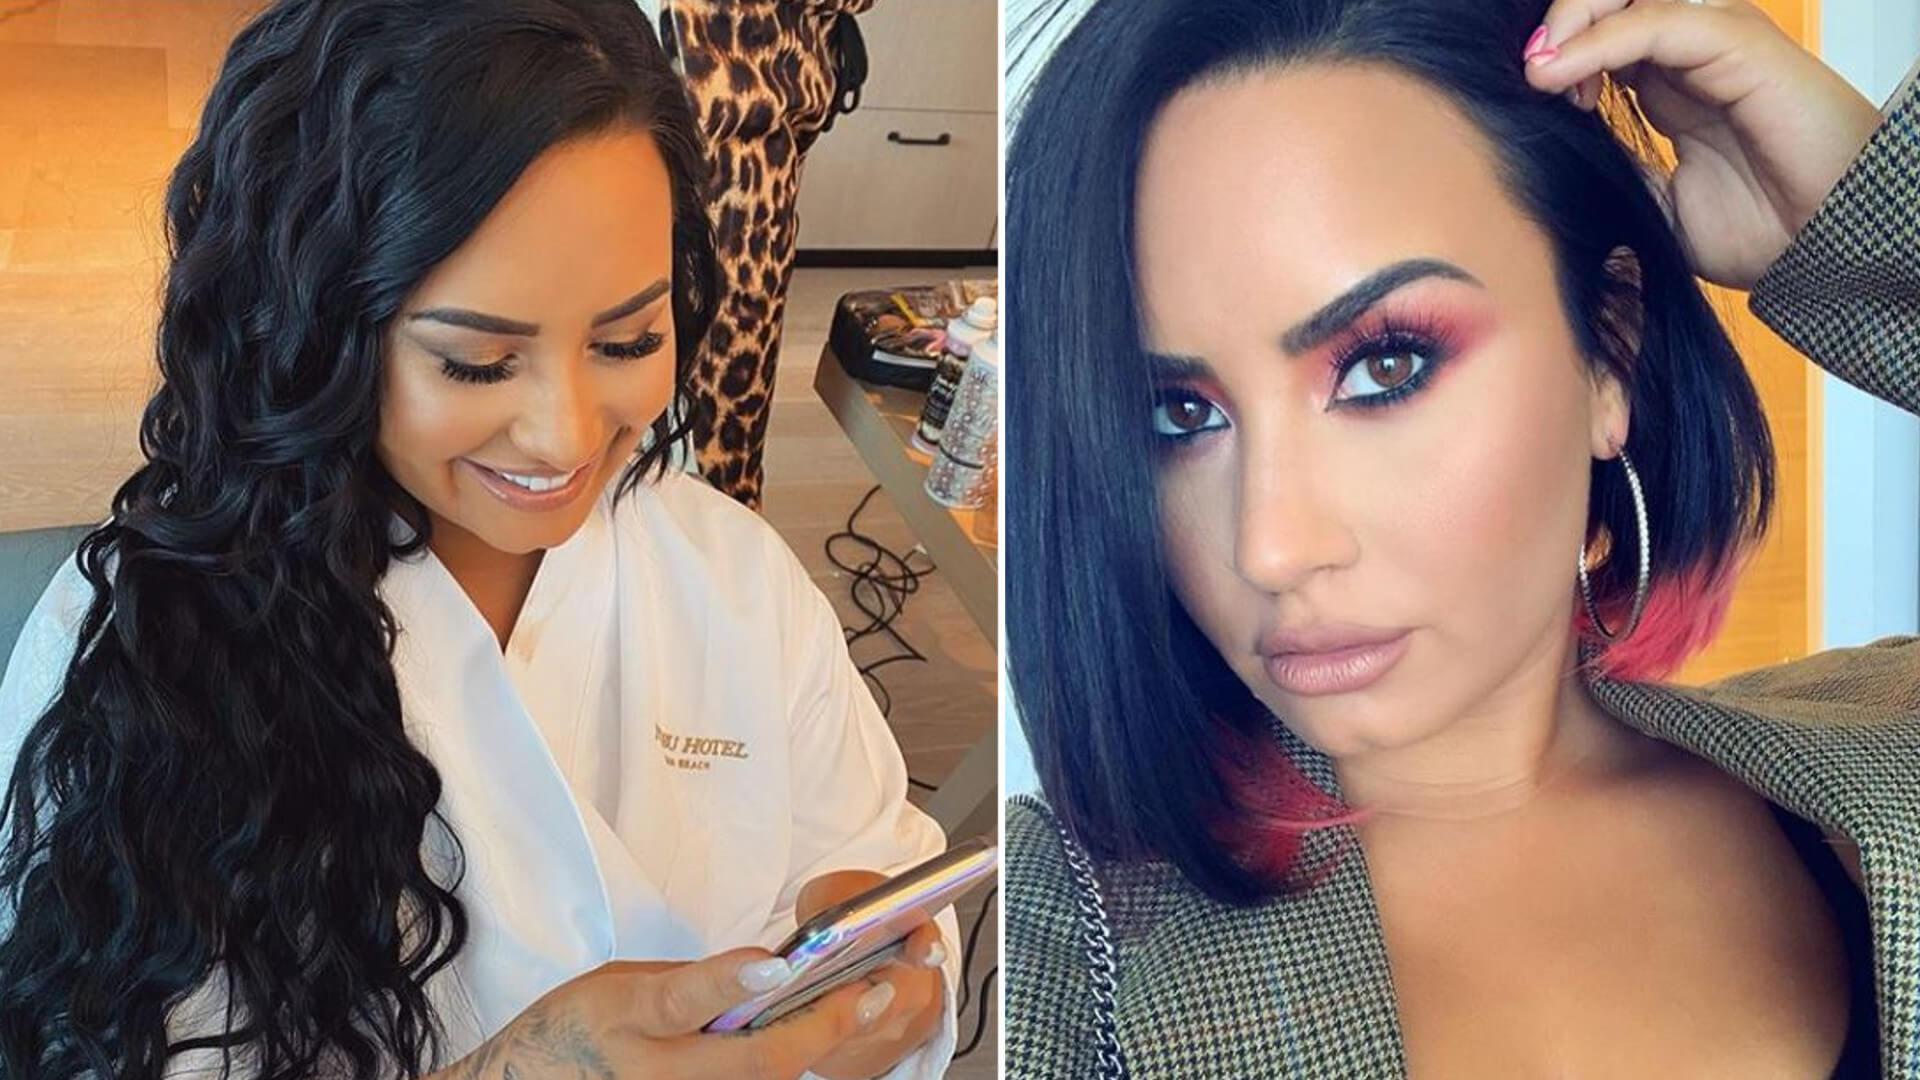 Demi Lovato bez makijażu wygląda jak NASTOLATKA. W wersji naturalnej o wiele lepiej – piszą fani